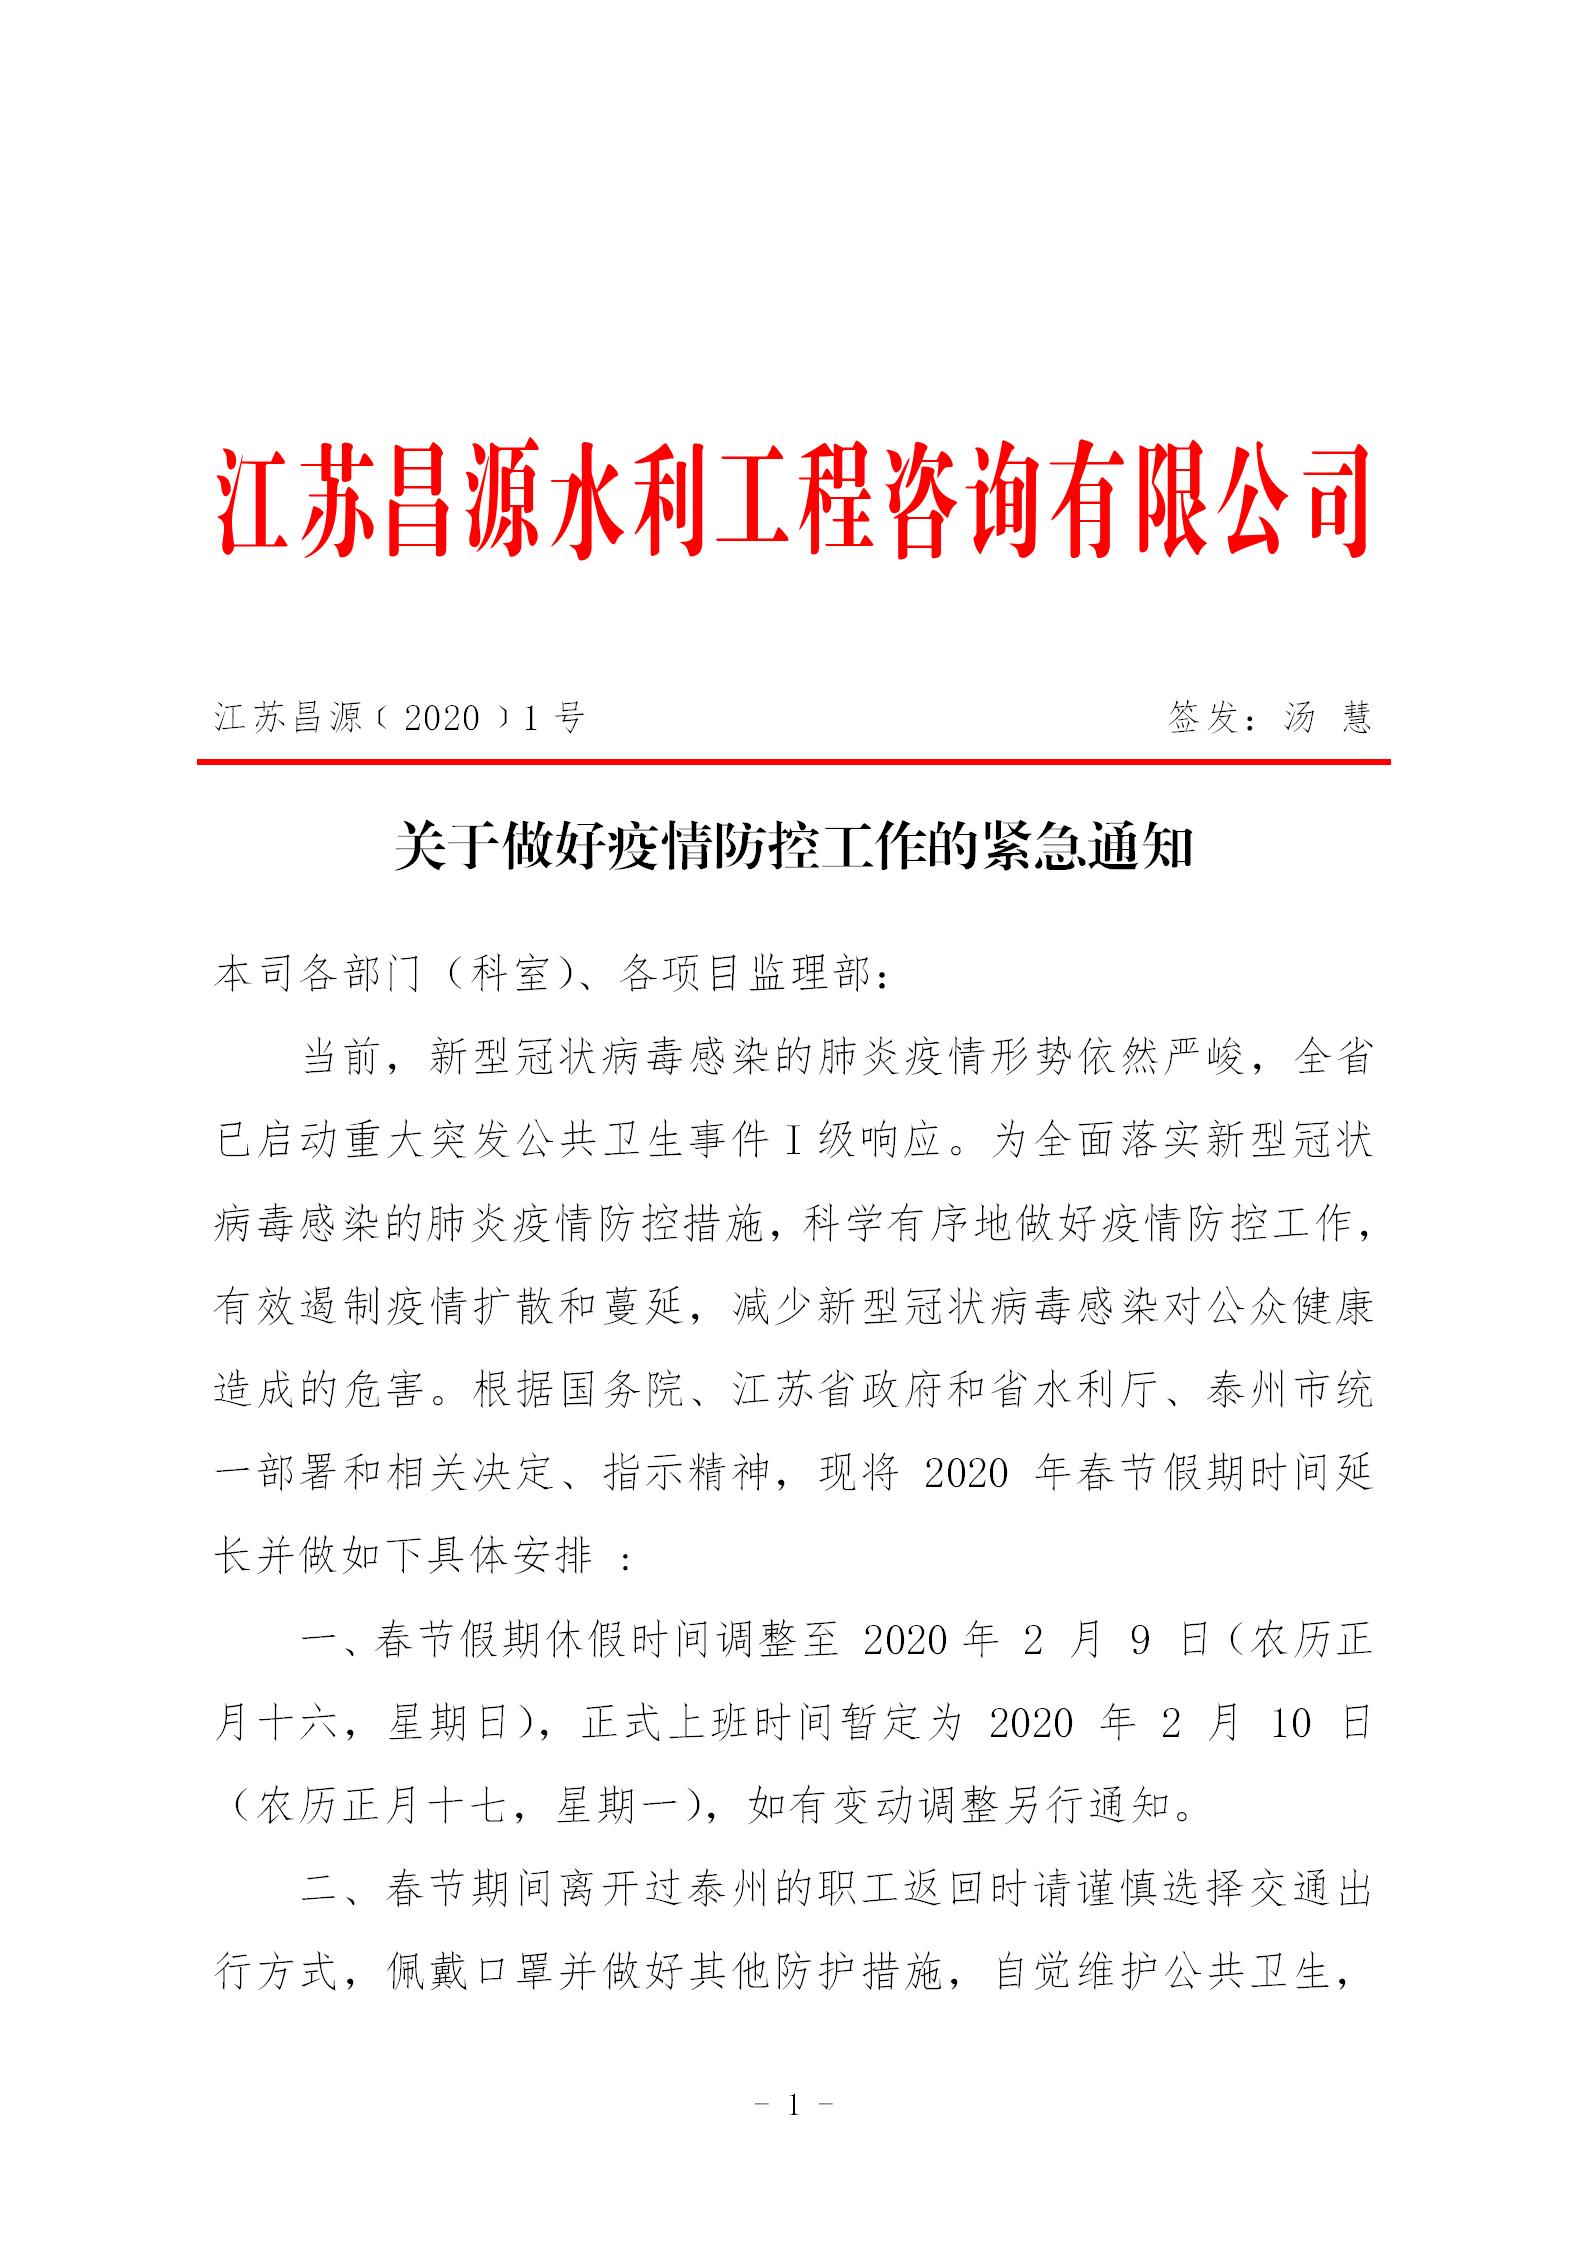 《关于做好疫情防控工作的紧急通知(江苏昌源﹝2020﹞1号)》